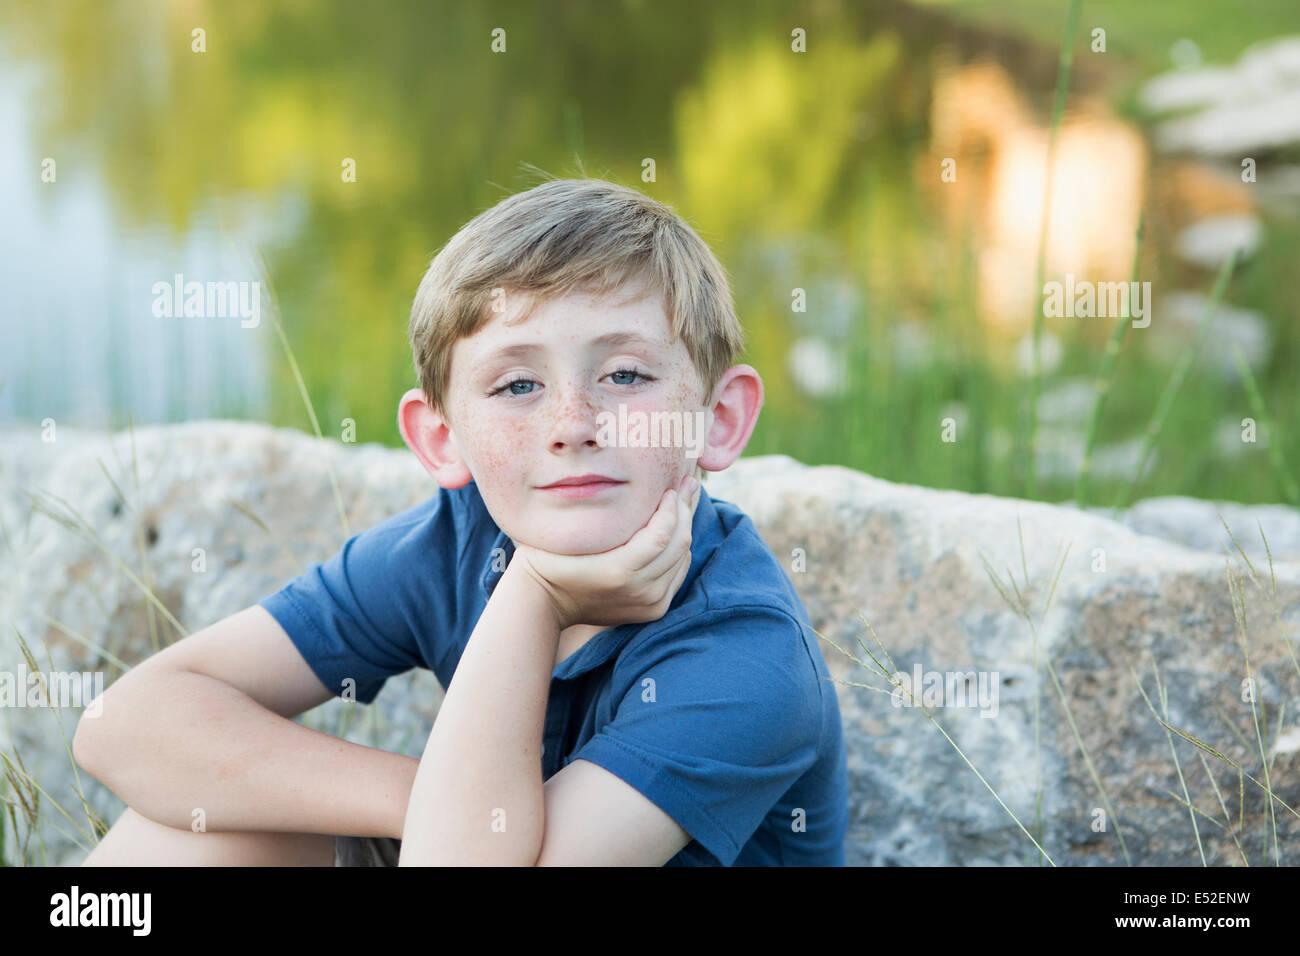 Cabeza y hombros retrato de un joven sentado con la barbilla descansando sobre su mano. Imagen De Stock